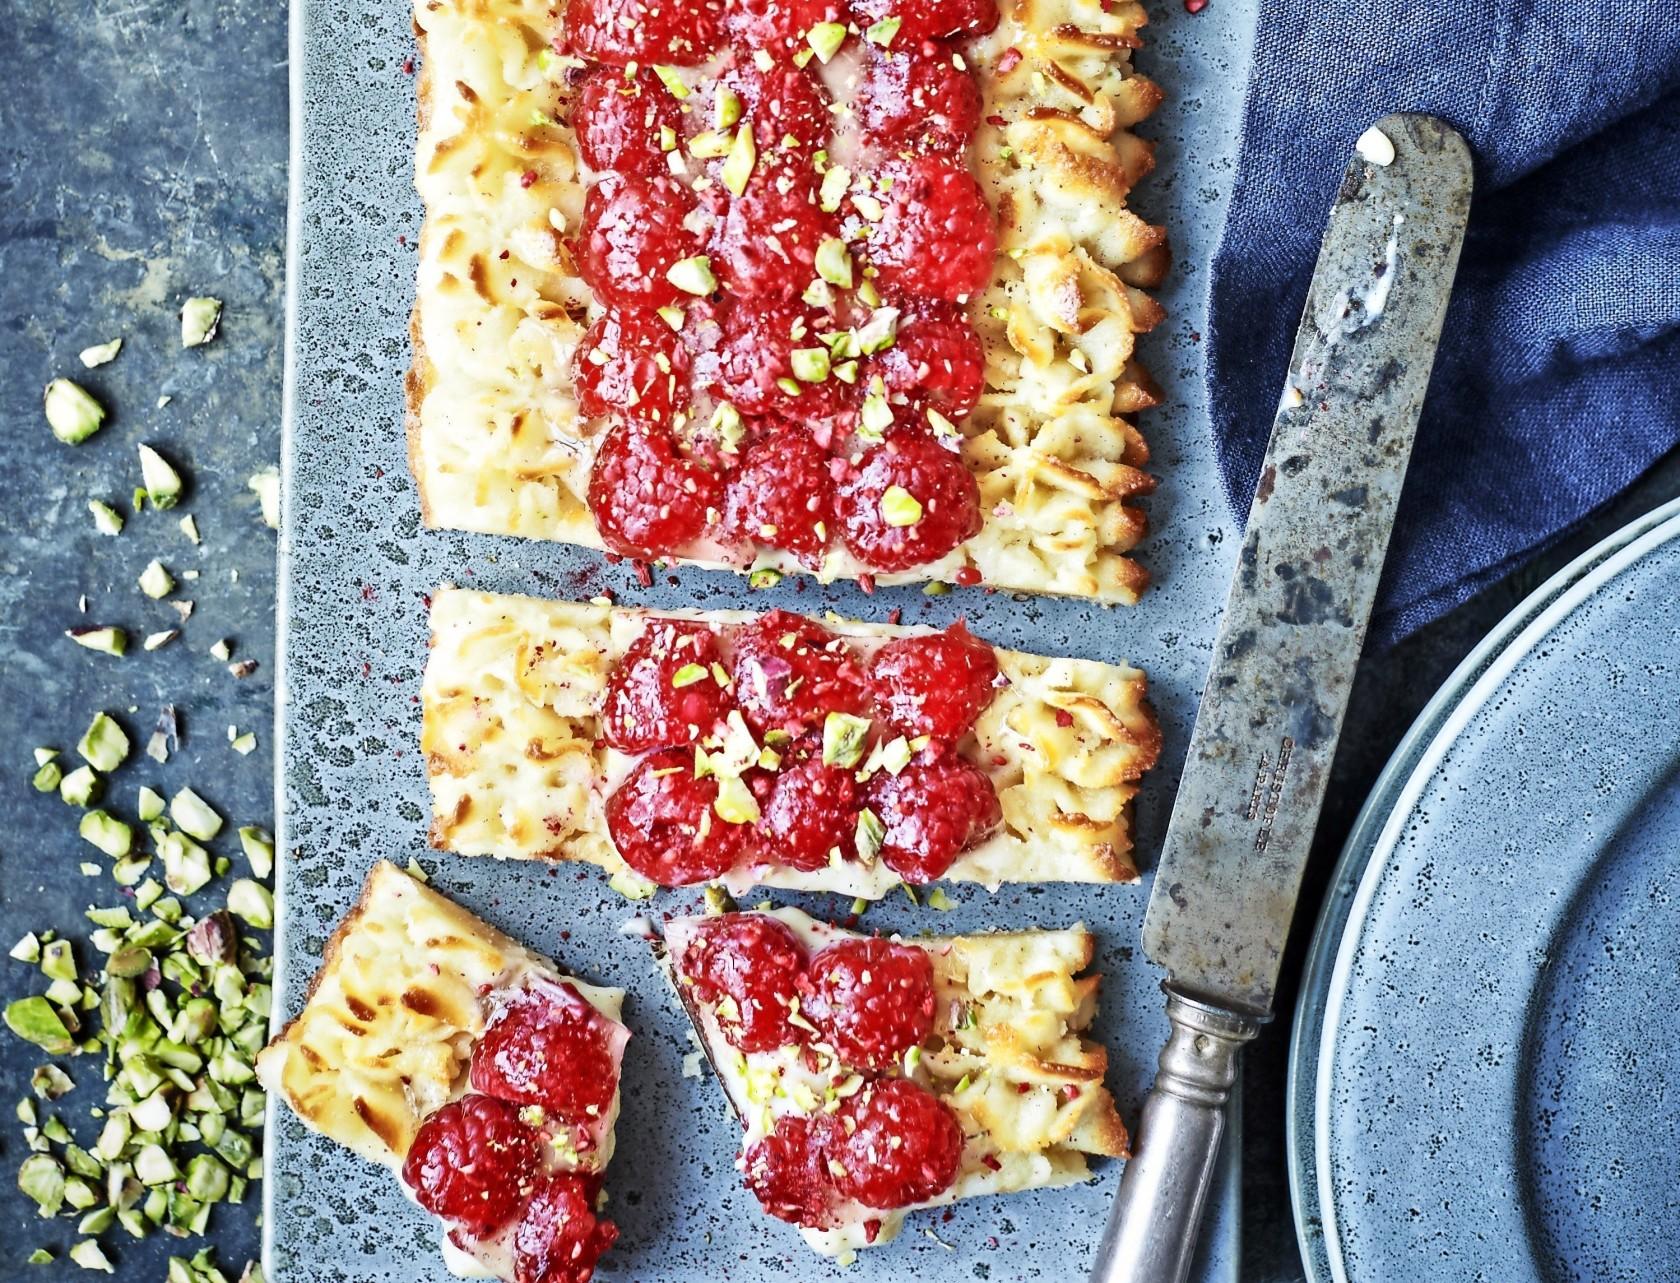 Makrontærte med hindbær - virkelig flot og lækker kage!